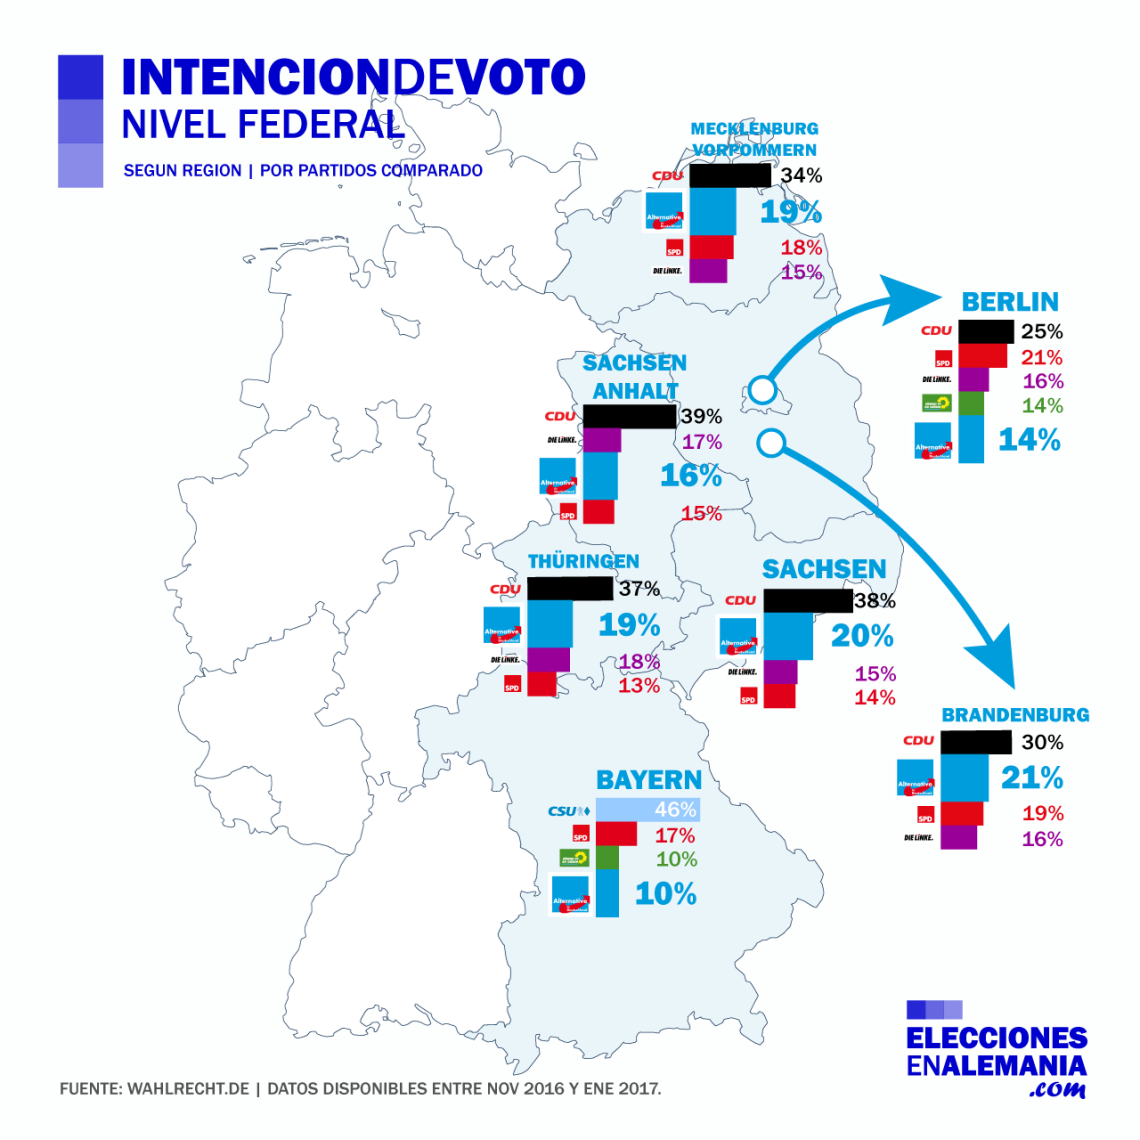 intencion-de-voto-nivel-regional-alemania-2017-enero